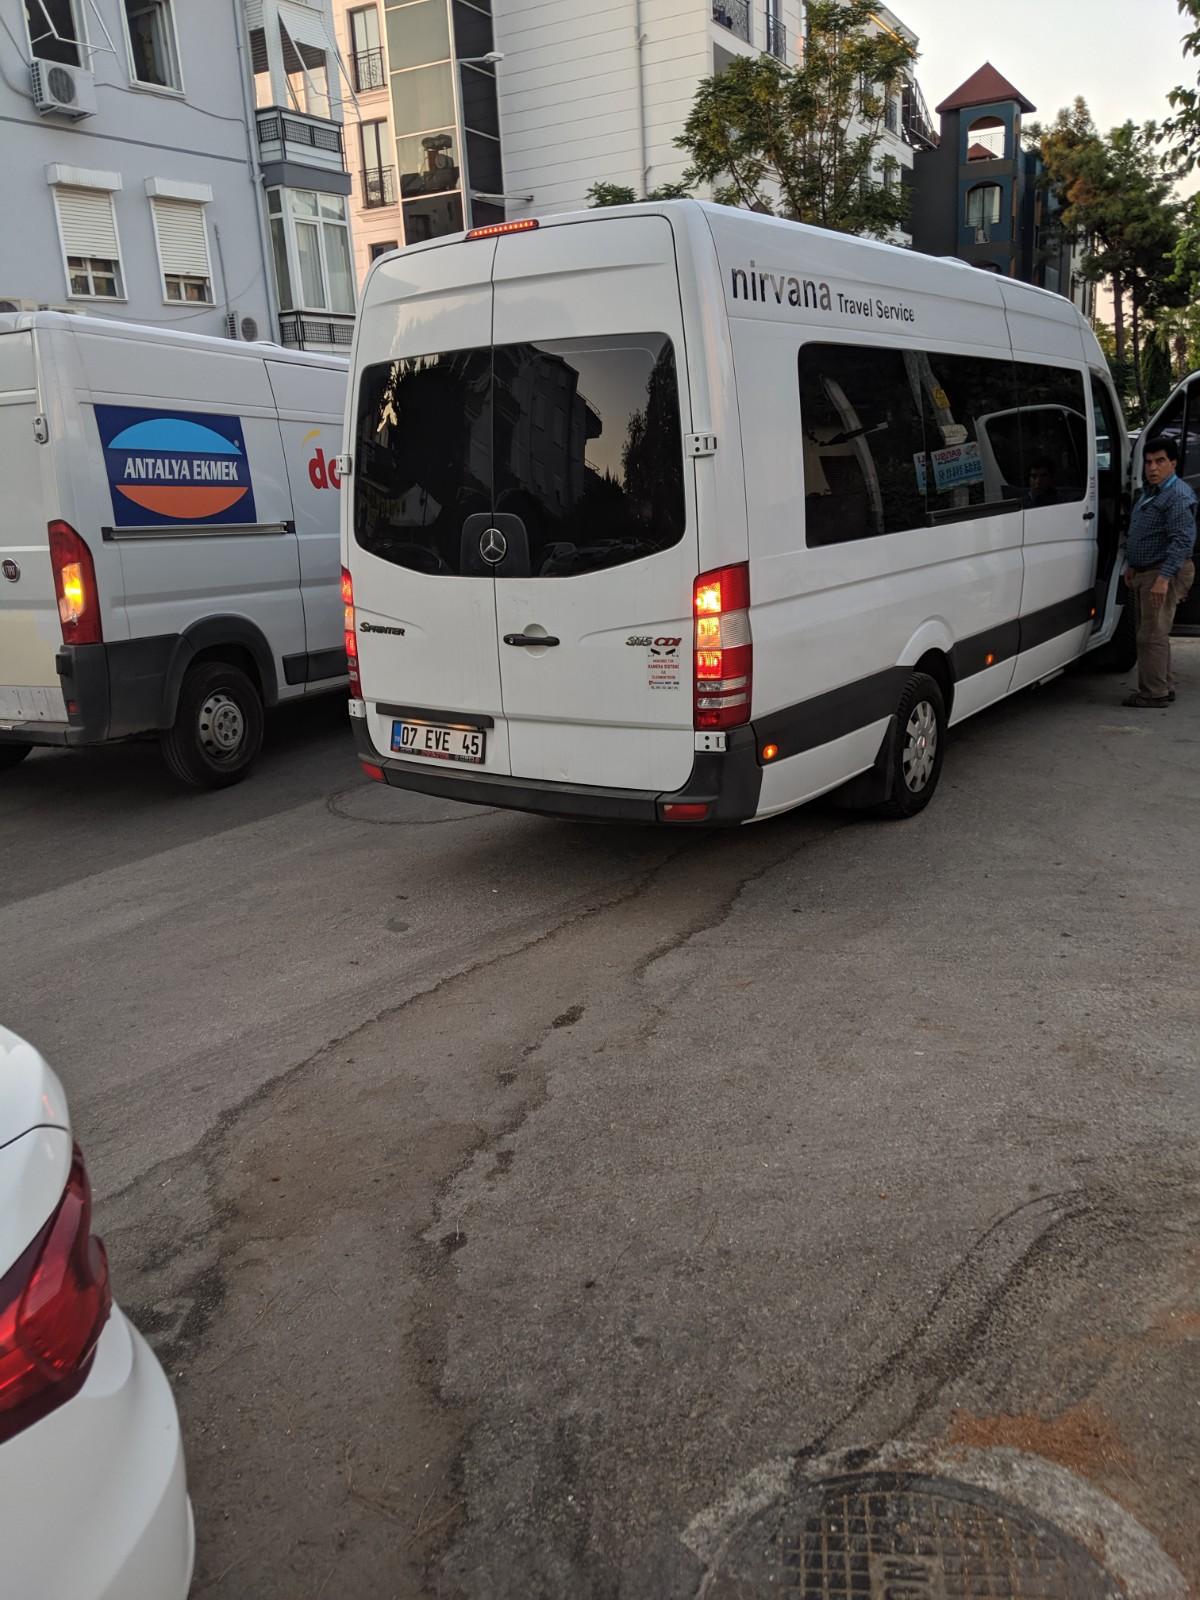 Antalya to Pamukkale Trip